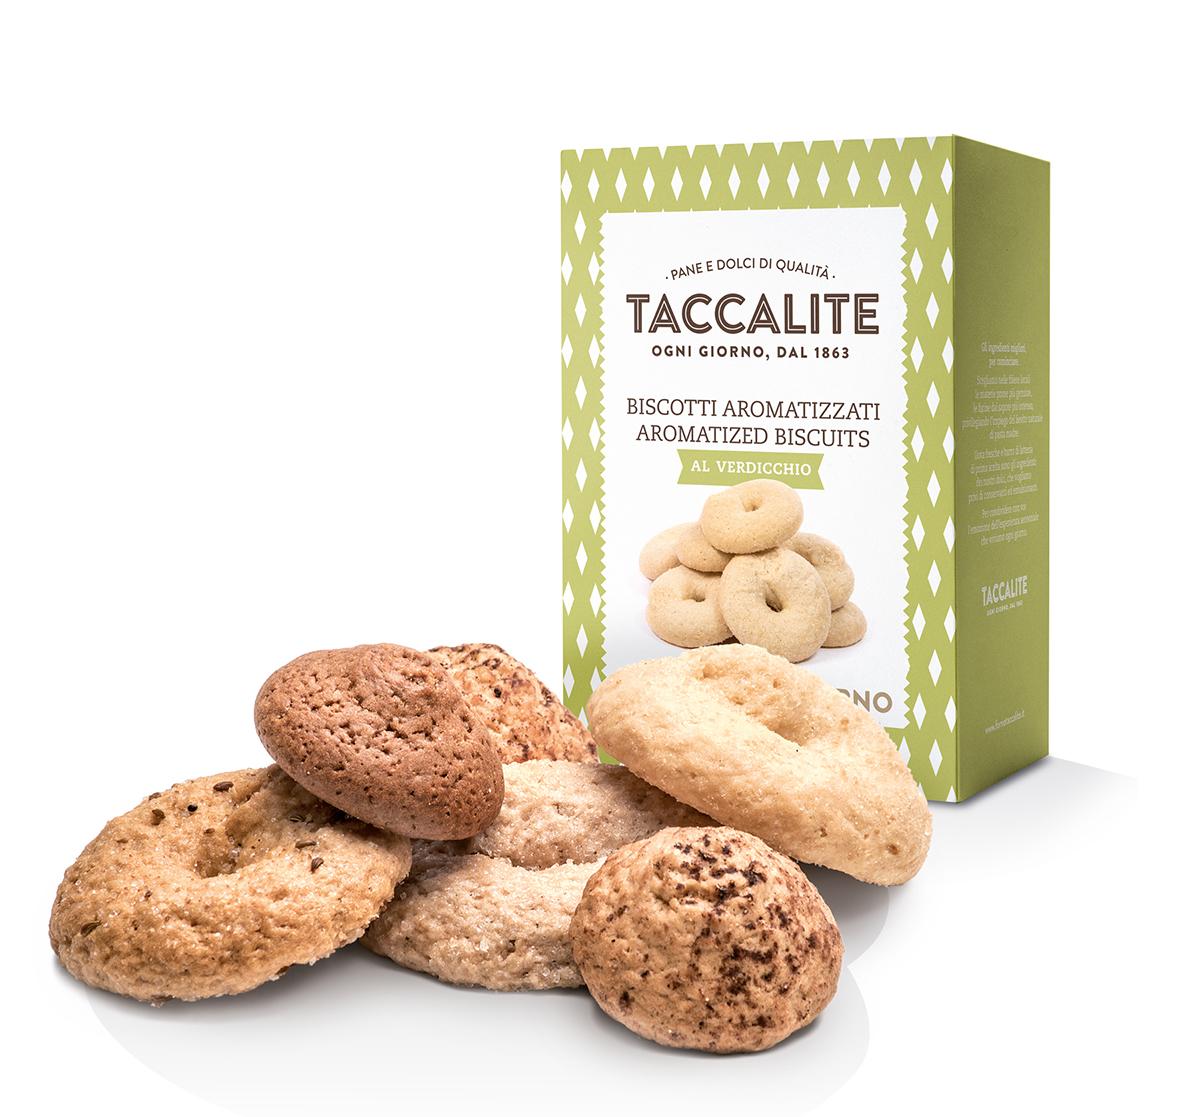 biscotti aromatizzati